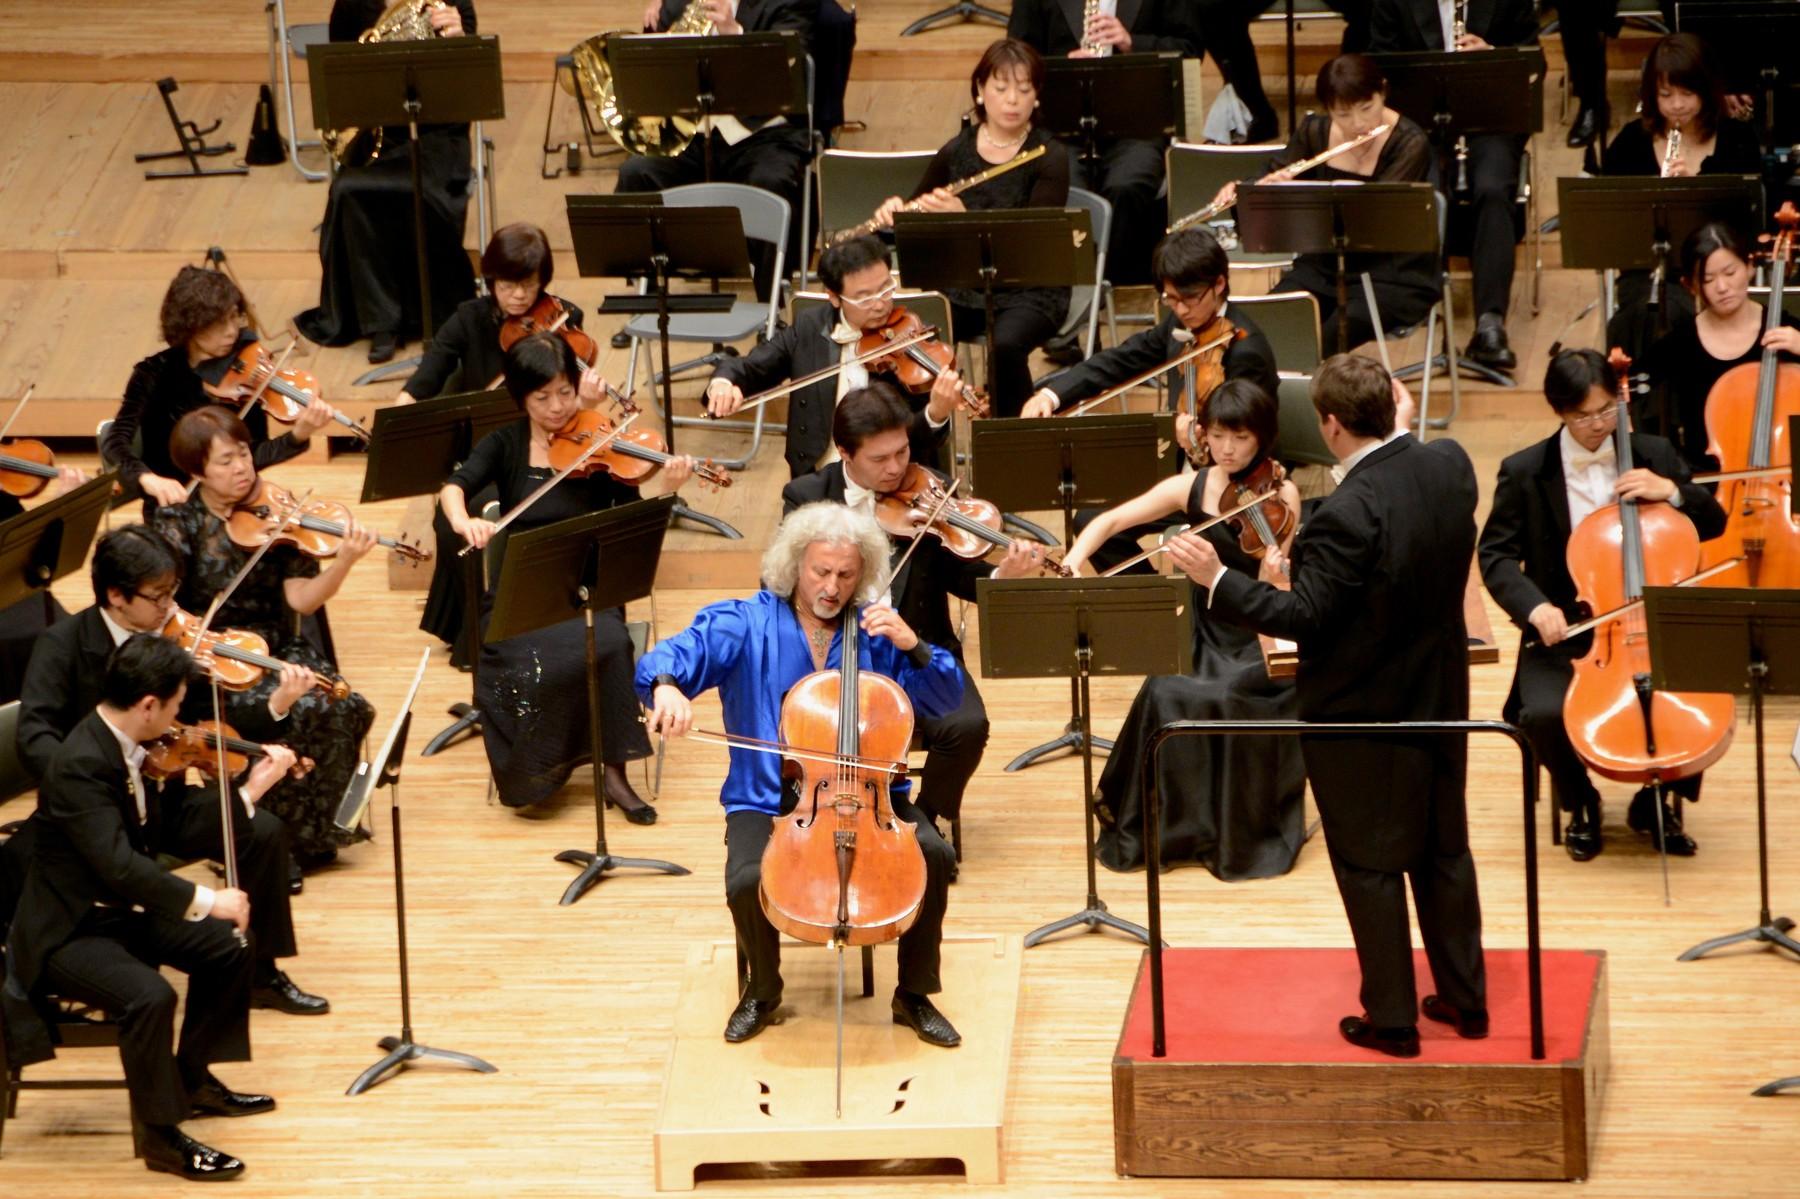 ミッシャ・マイスキーと共演した創立50周年記念定期演奏会